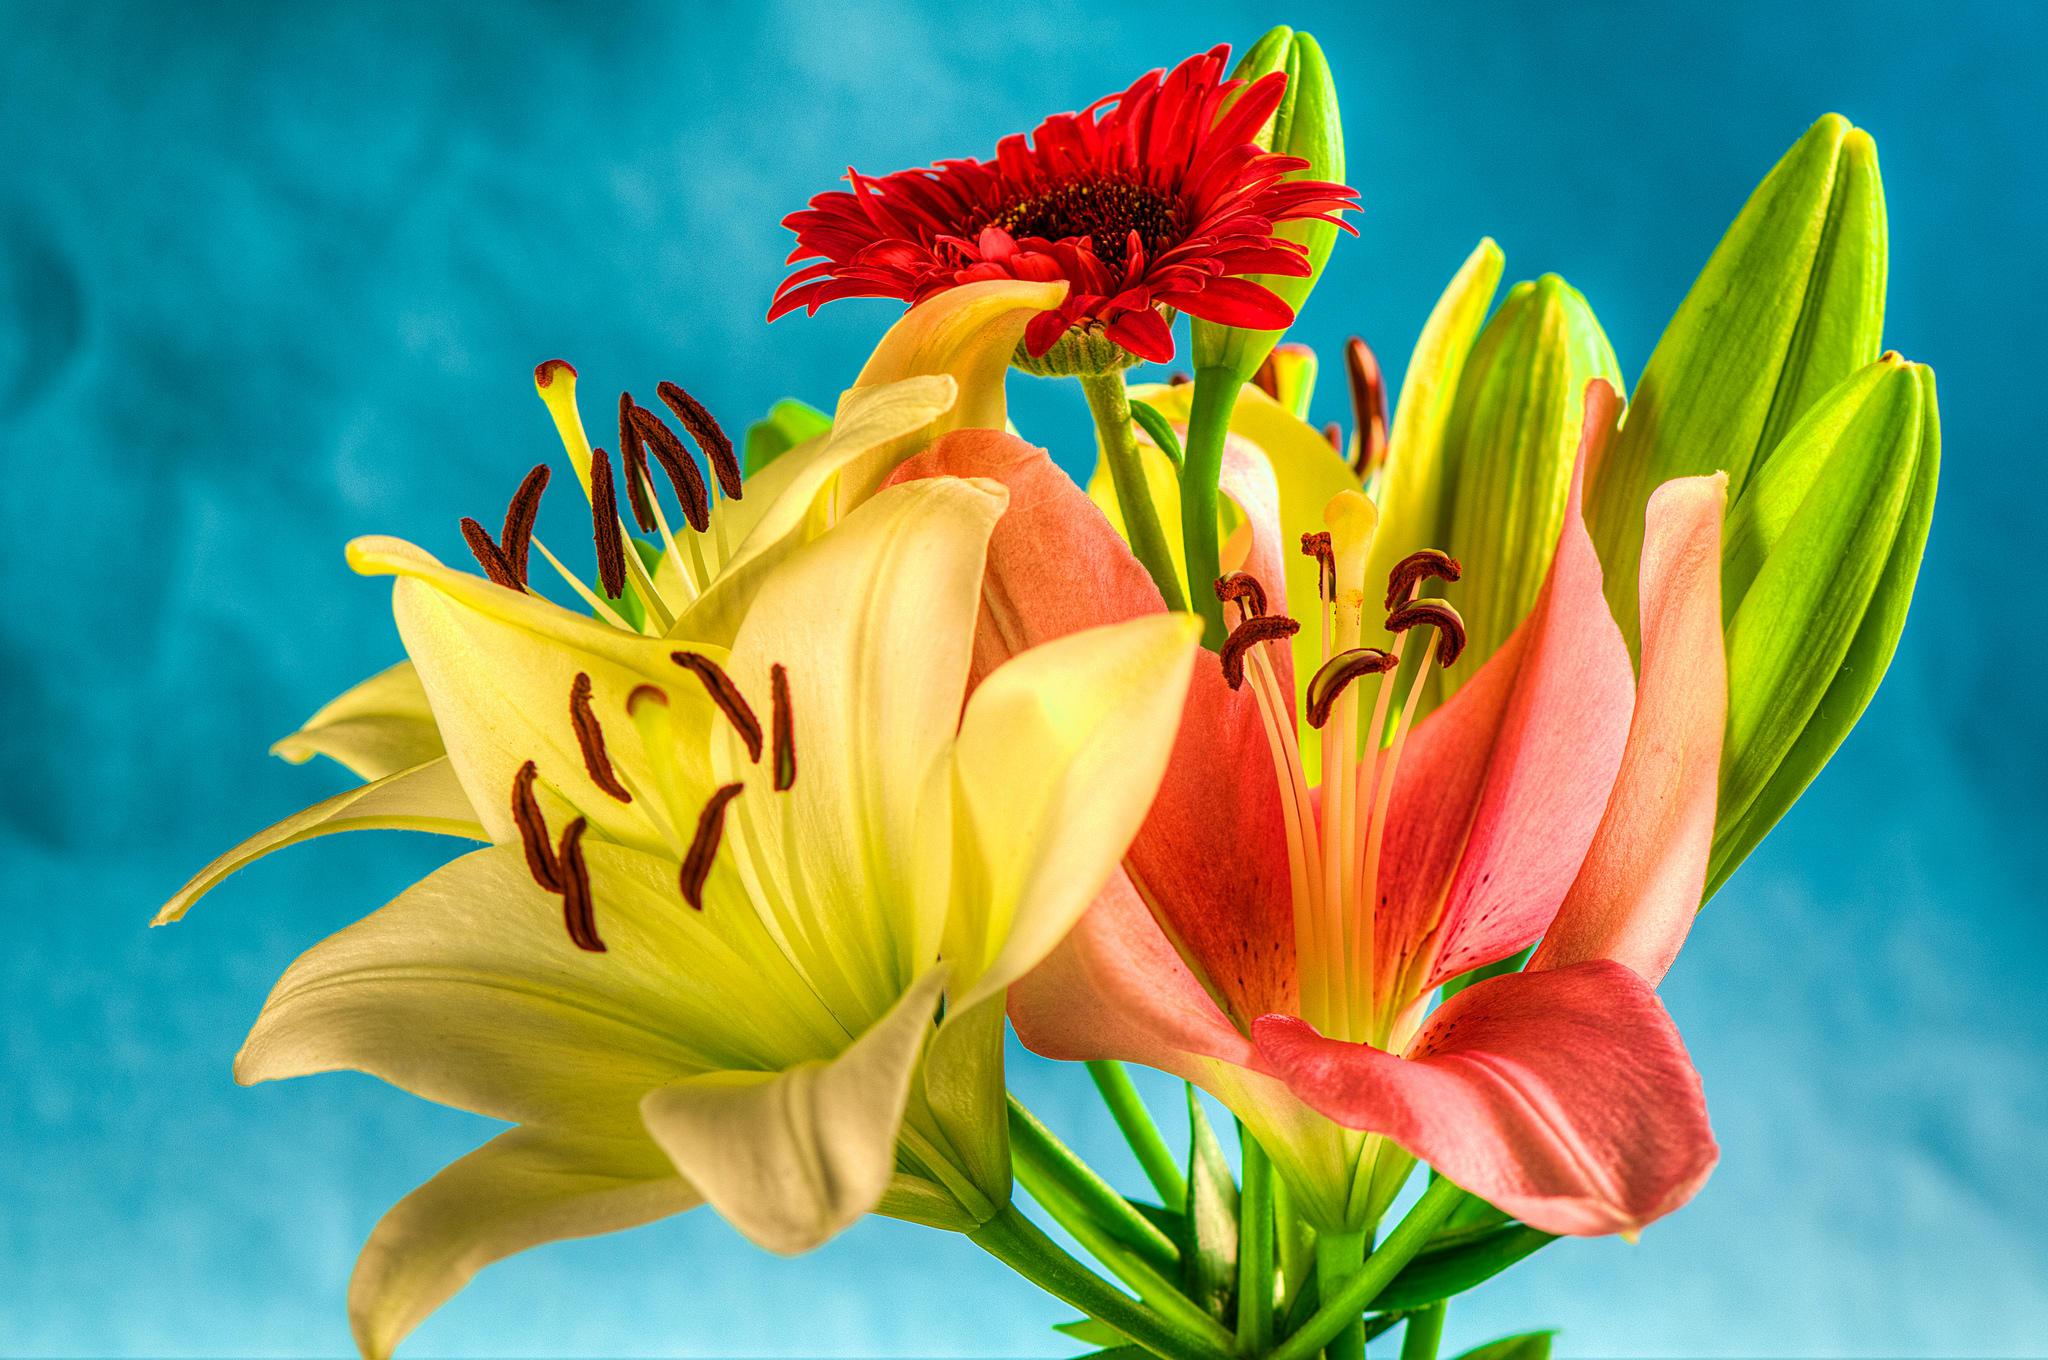 обои букет, цветы, лилии, флора картинки фото